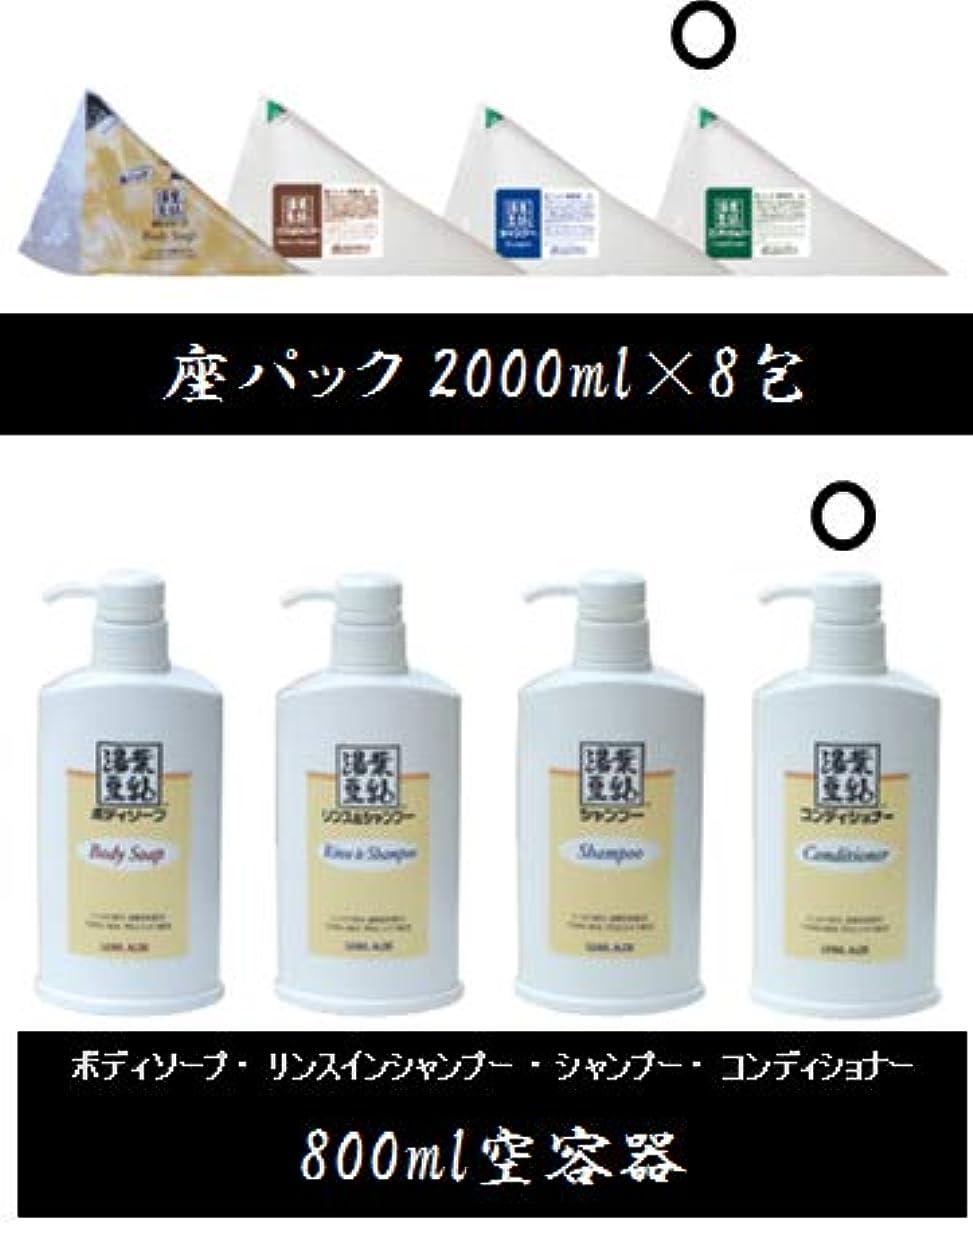 首尾一貫した十八百屋さんフタバ化学 湯葉豆乳コンディショナー 16L詰め替え(2Lパック×8包) 800ml空容器付